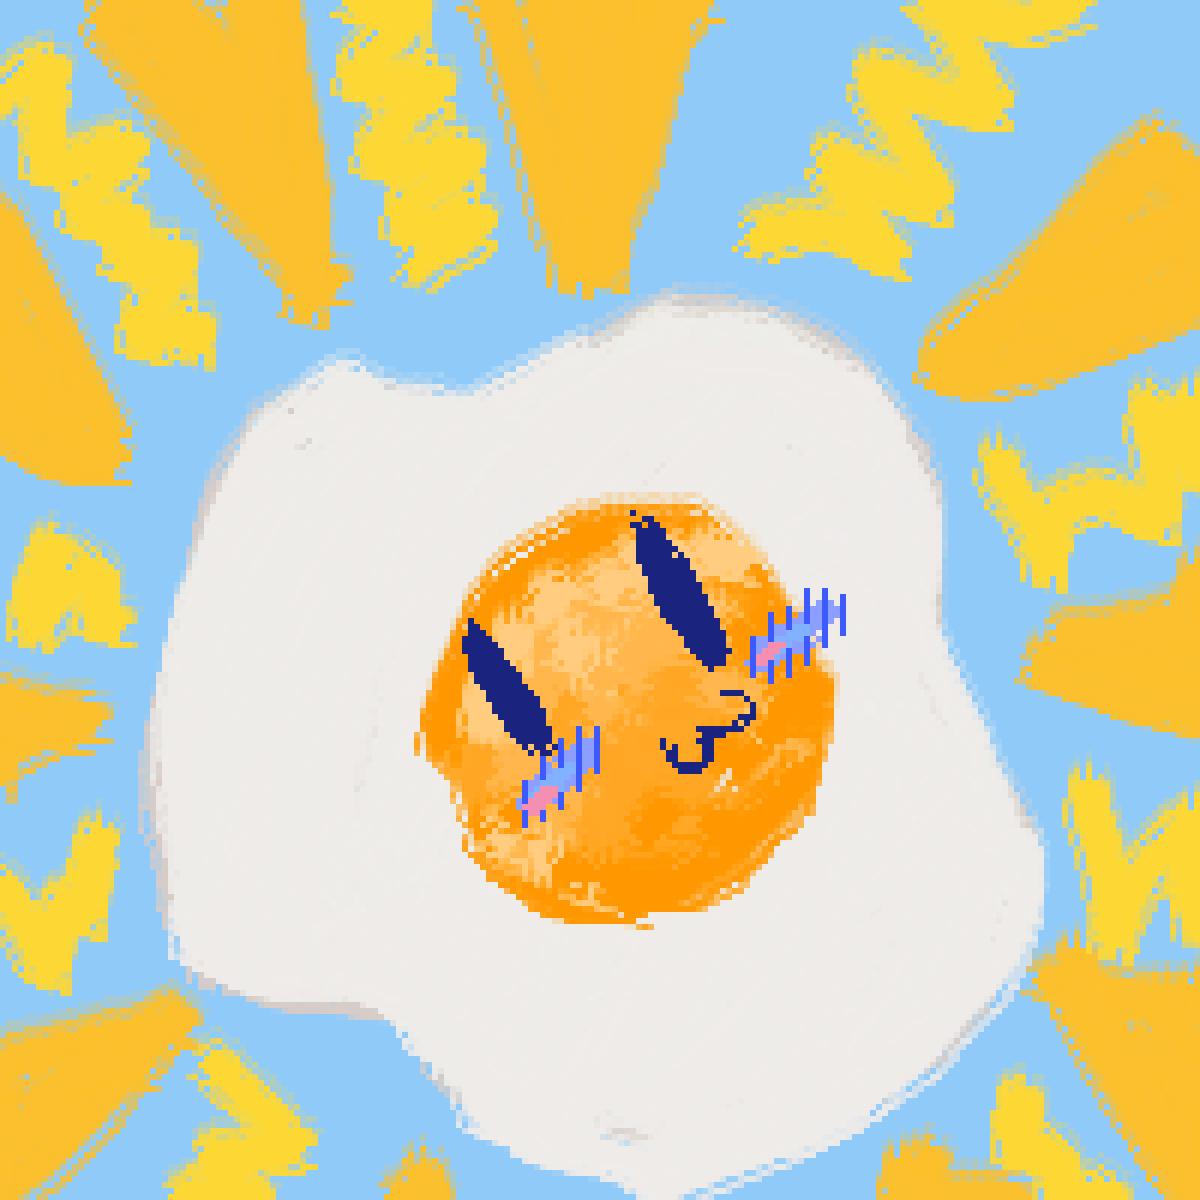 main-image-Sunnyside up!  by Moone101